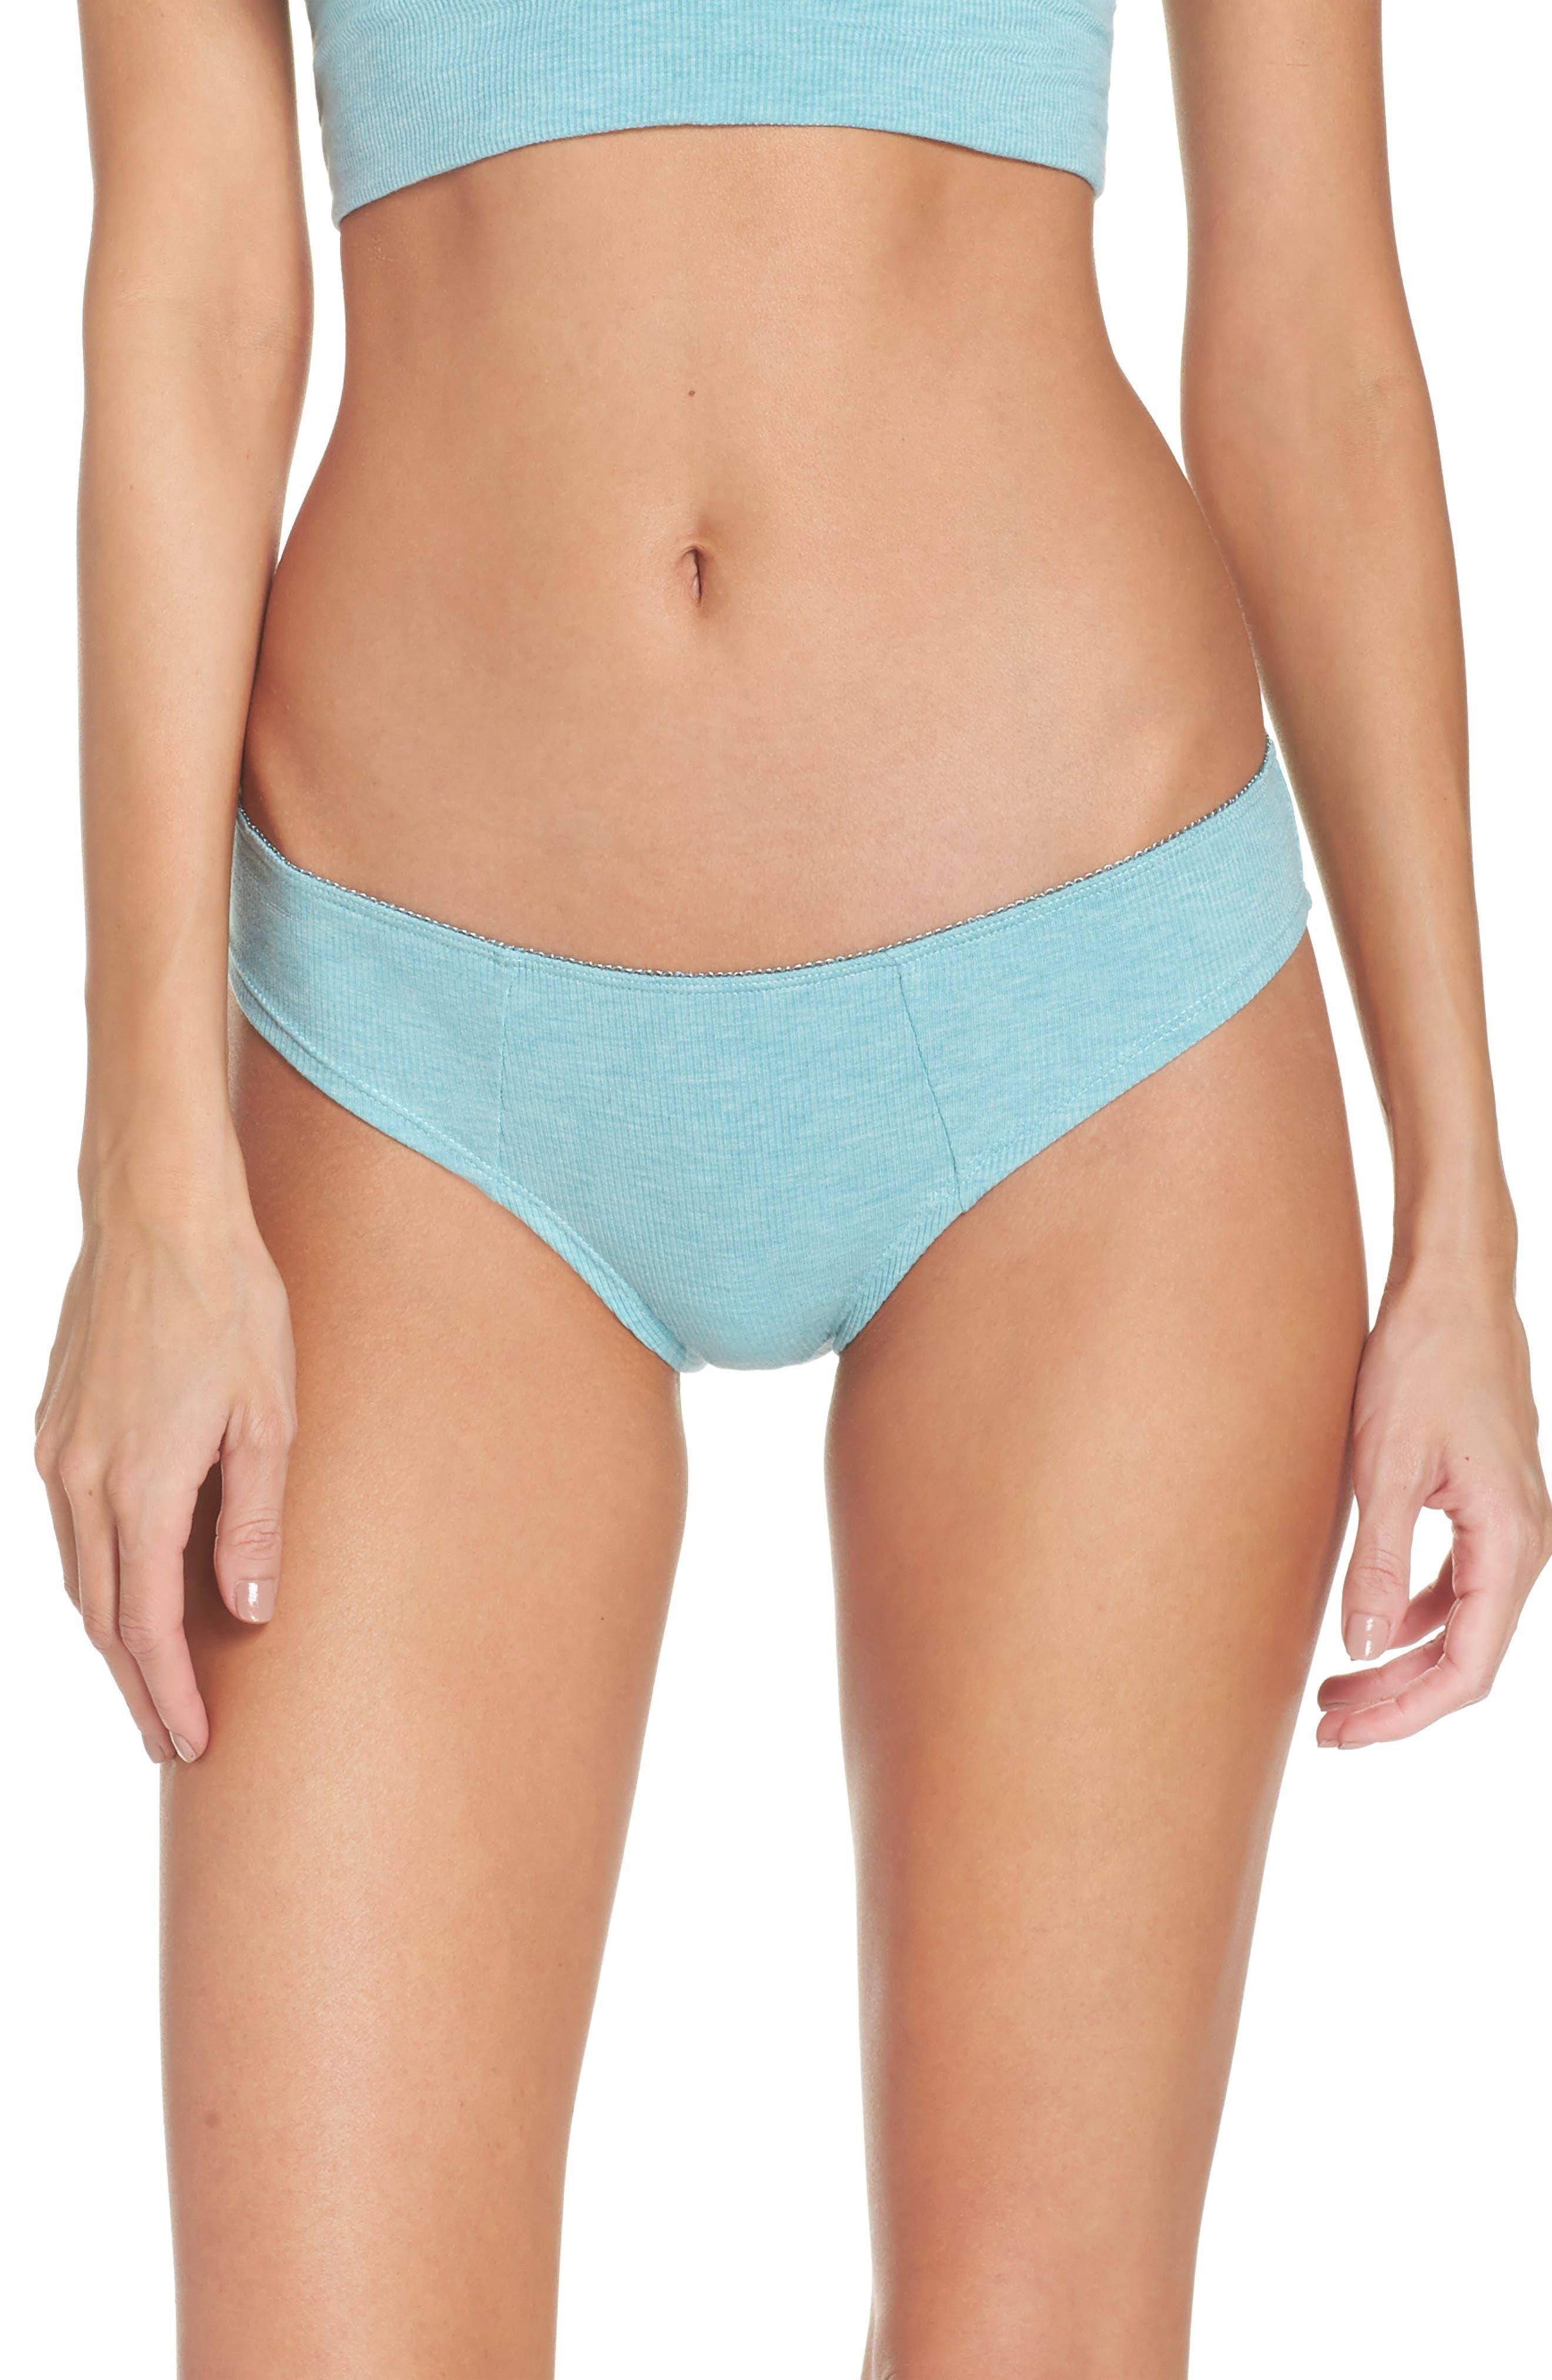 Rib Knit Bikini,                             Main thumbnail 1, color,                             Prickly Pear